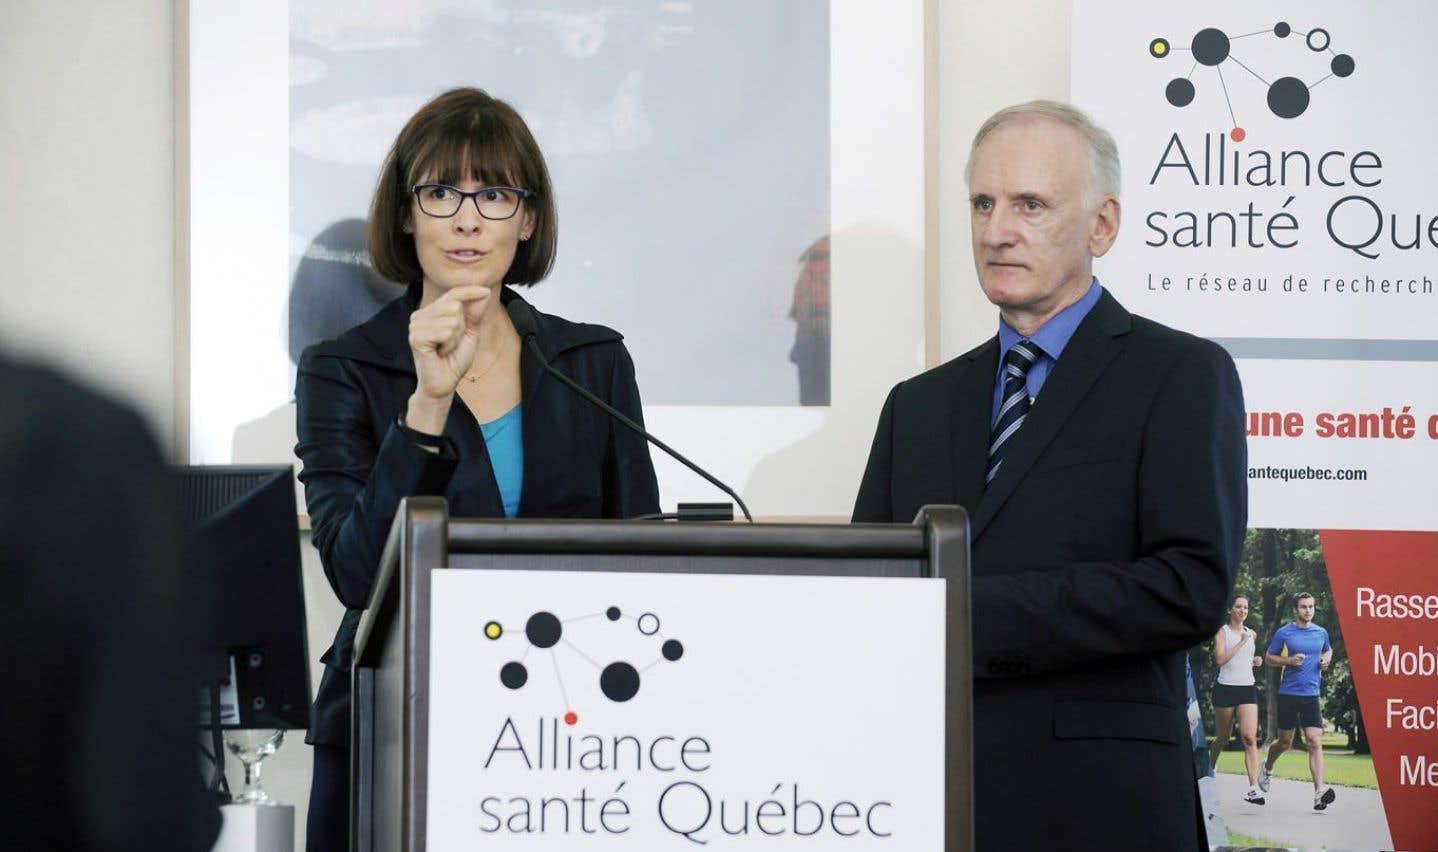 La vice-rectrice à la recherche et à la création de l'Université Laval, Sophie D'Amours, et l'homme d'affaires et président de l'Alliance santé Québec, Michel Clair